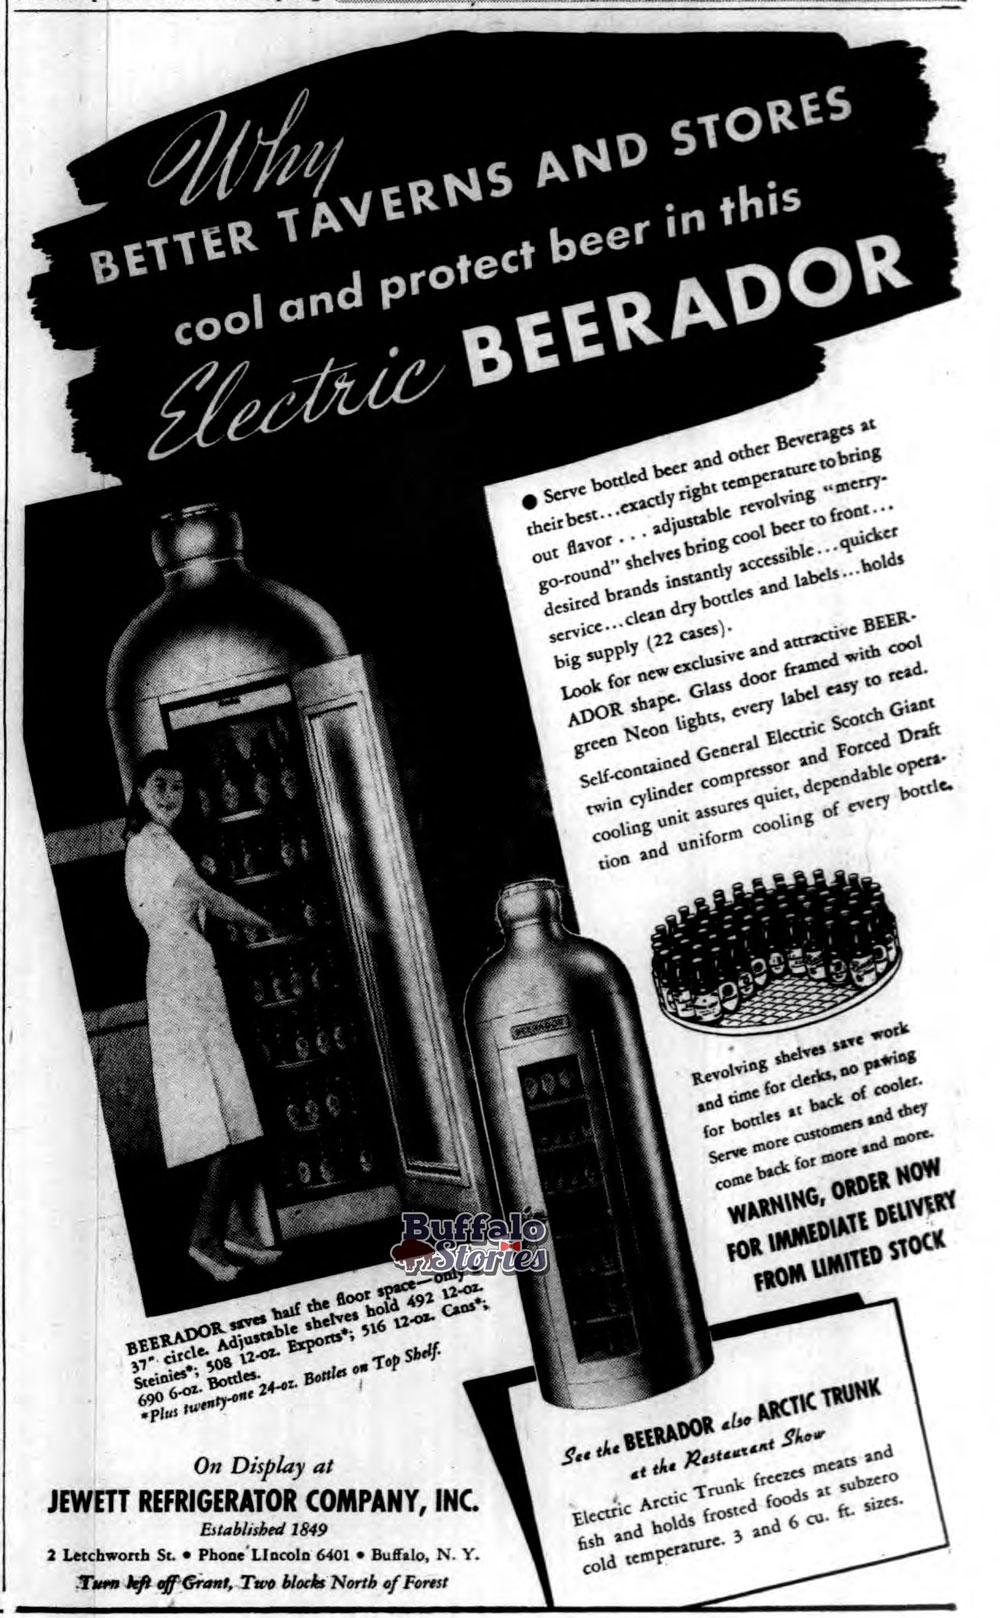 beerador-2